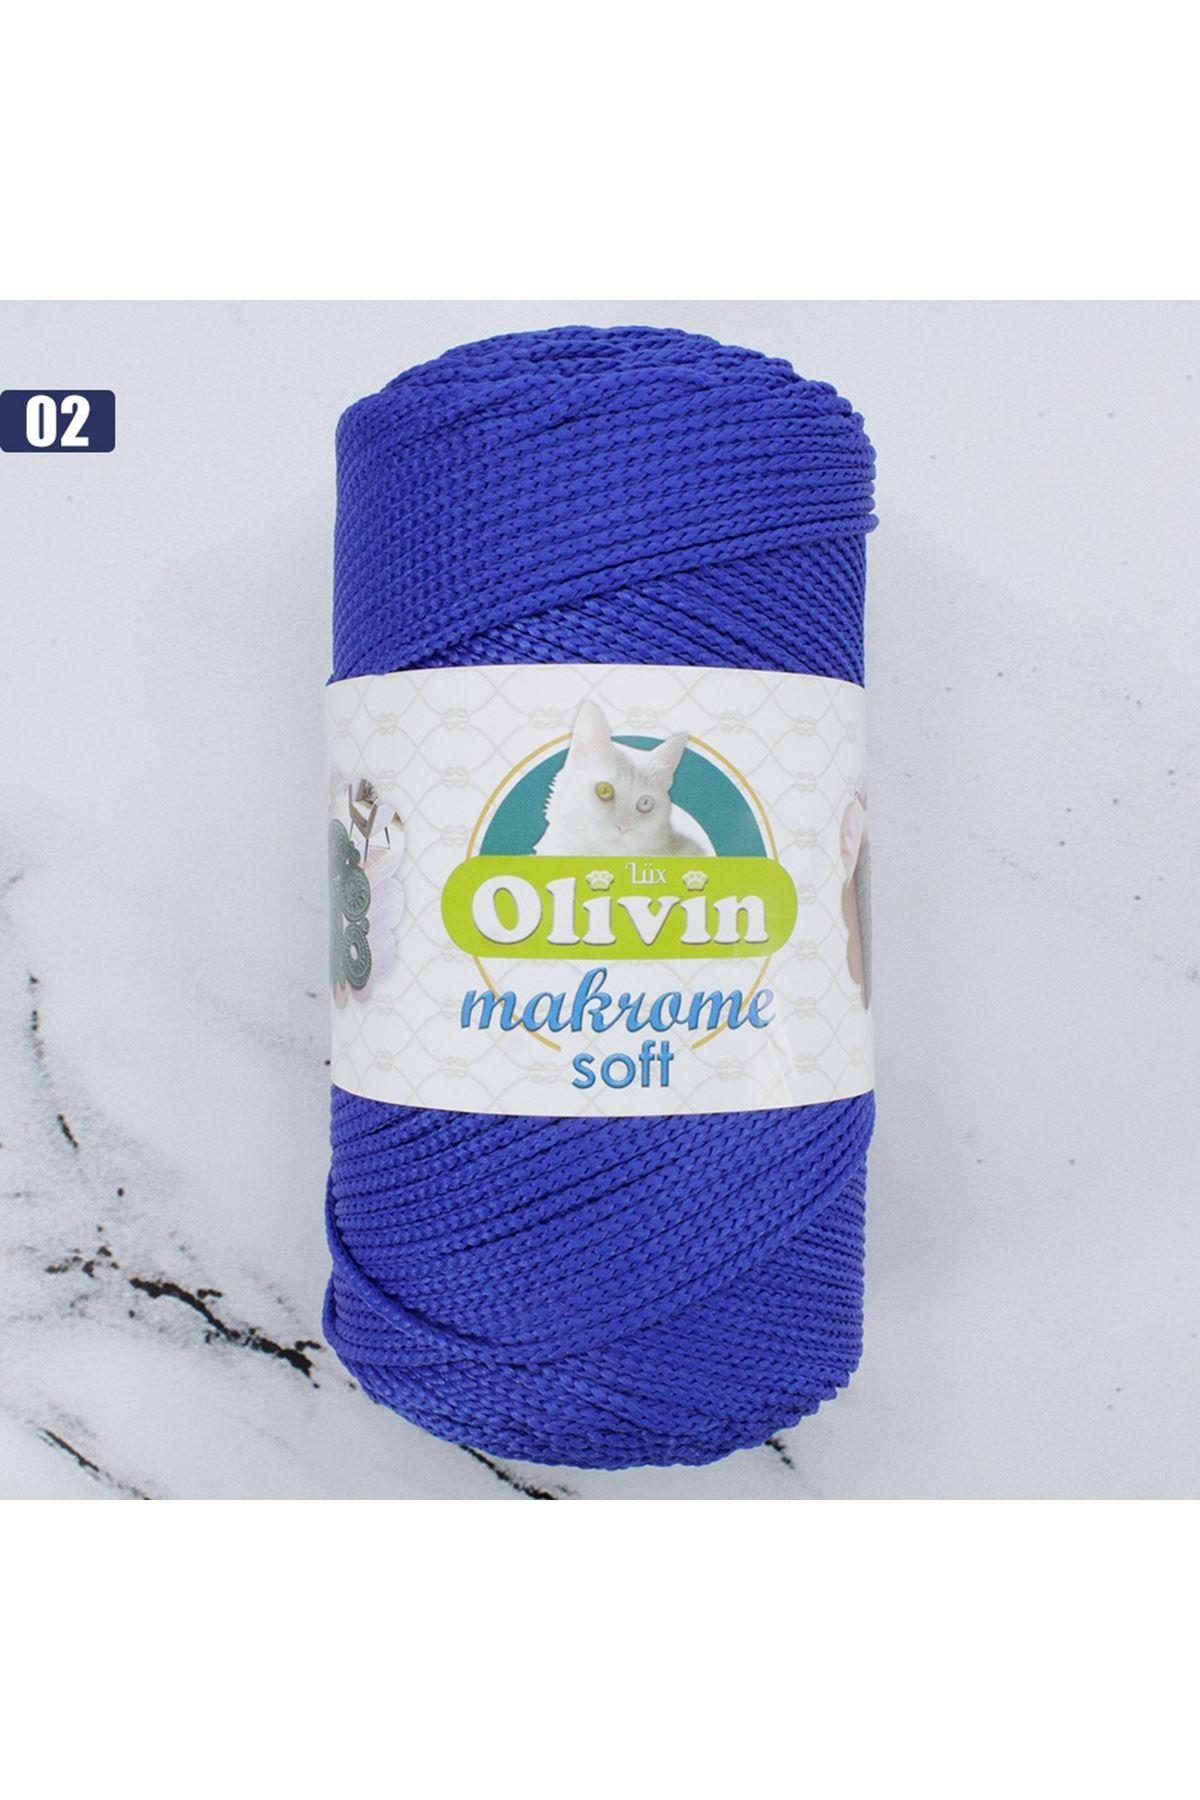 Olivin Makrome Soft 02